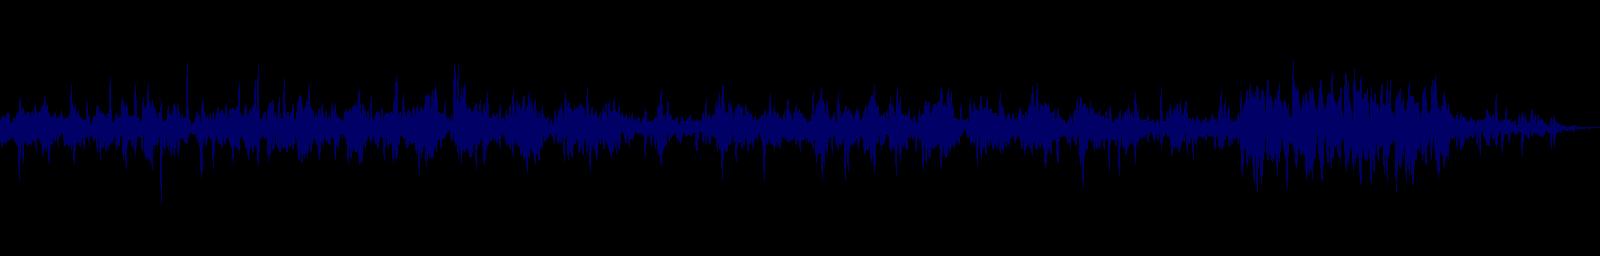 waveform of track #130364